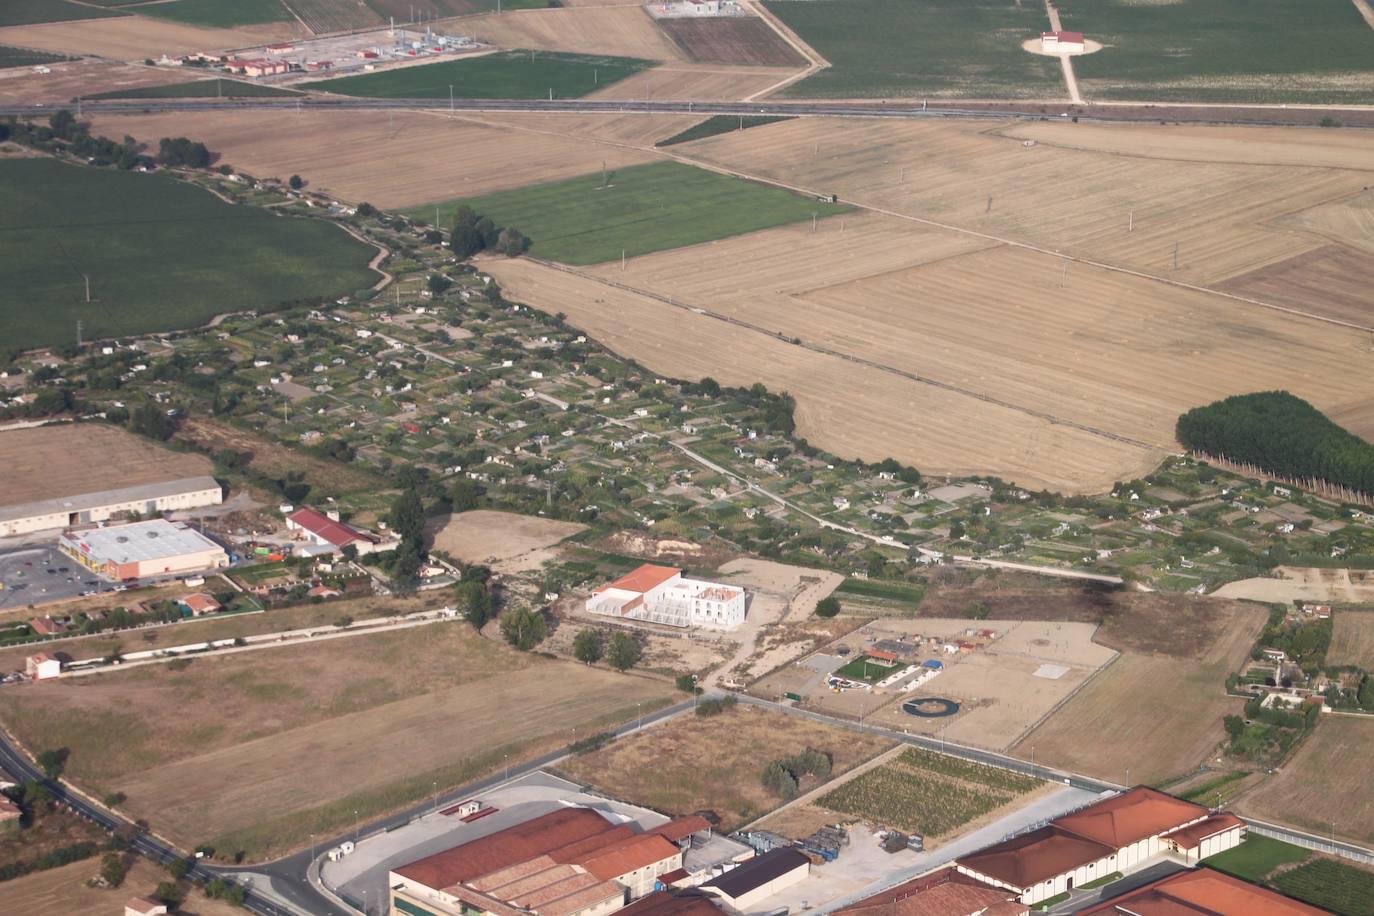 Los venajos de Fuente del Moro cumplen su primer siglo de función social en Haro